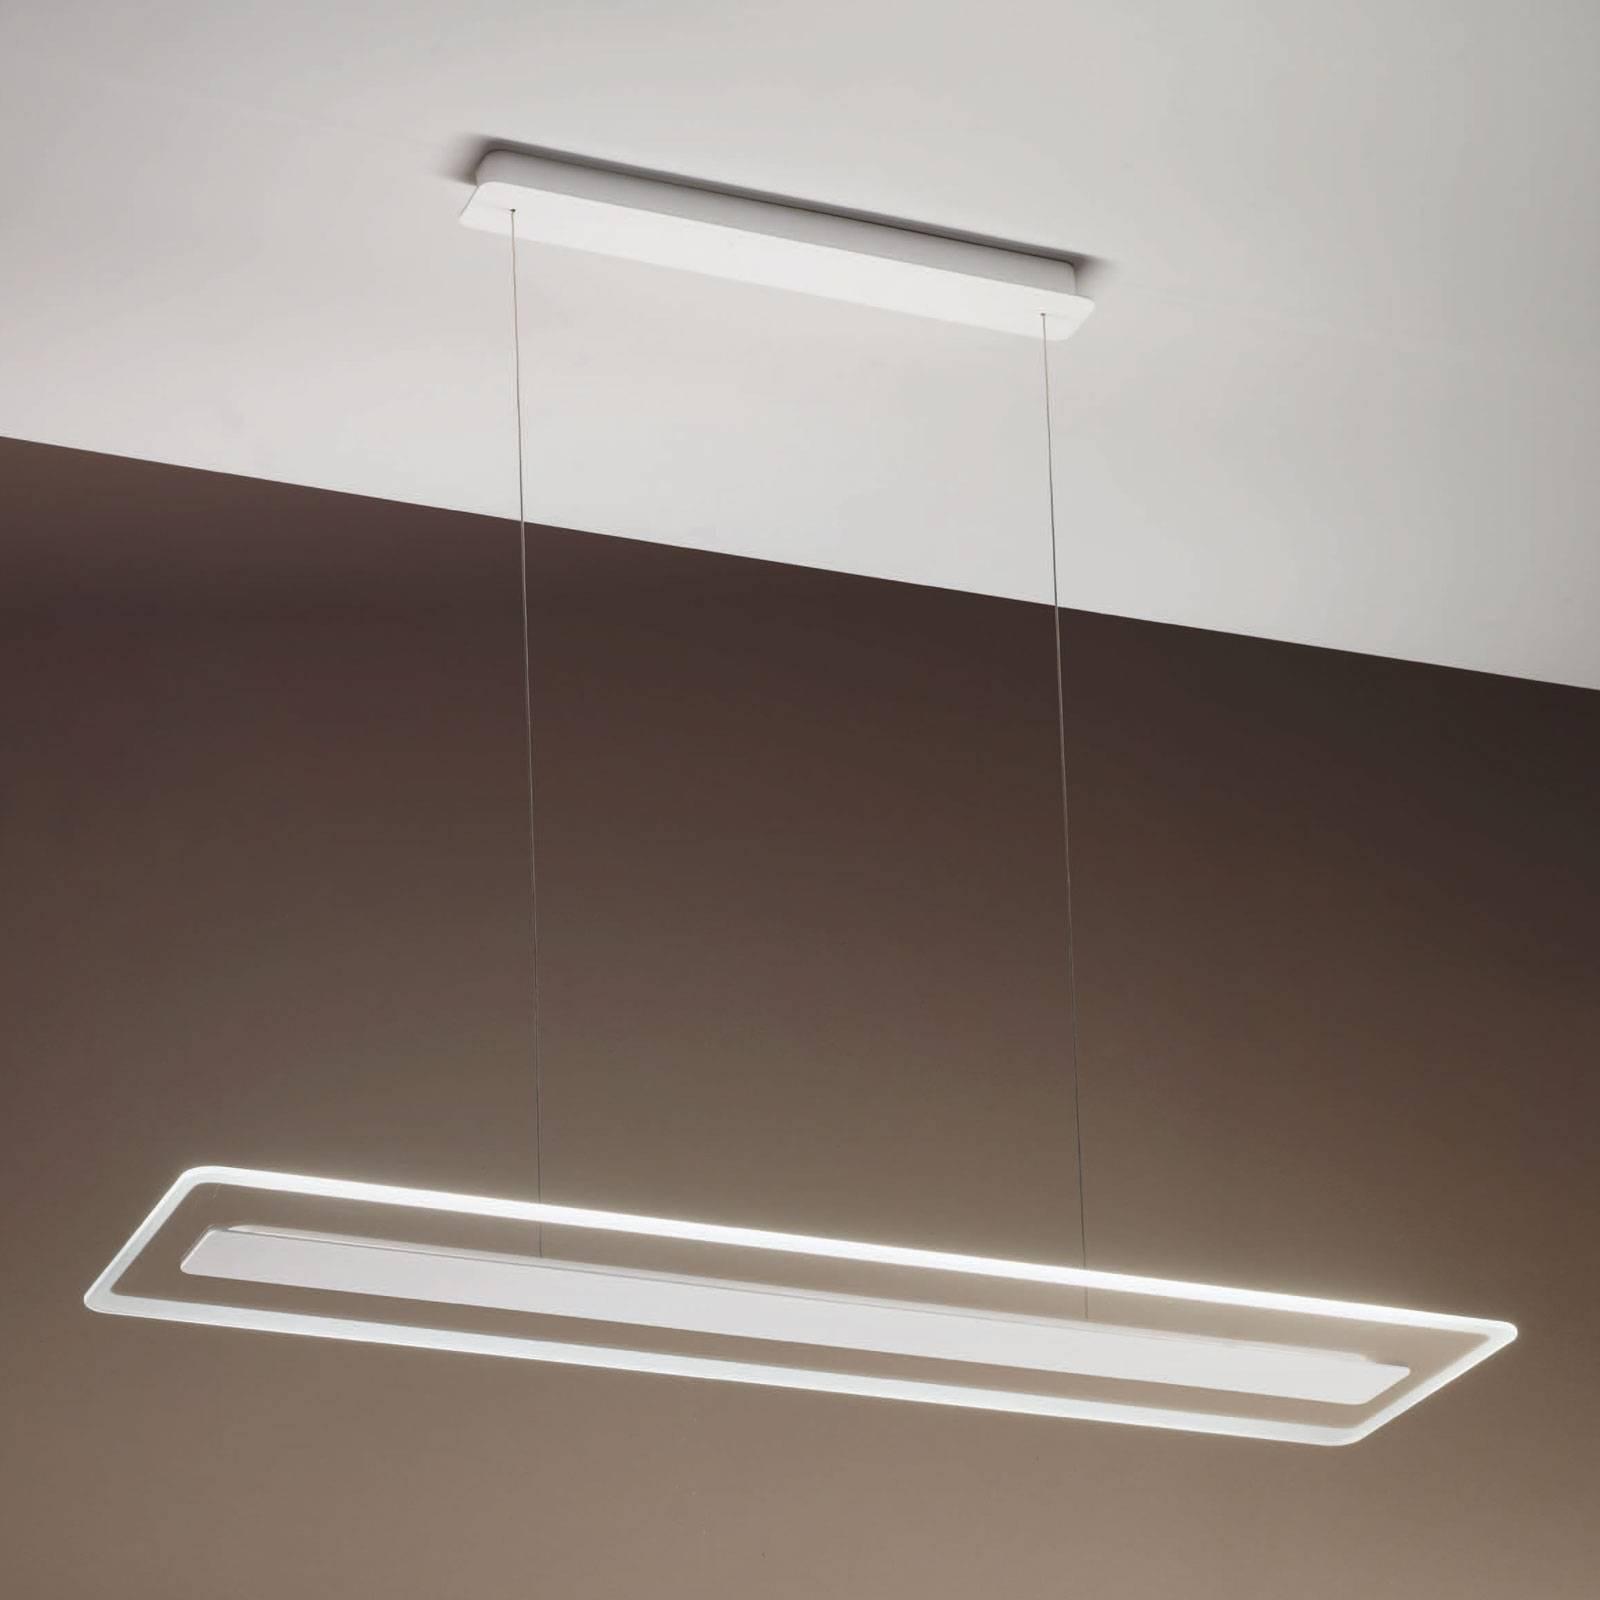 LED-riippuvalaisin Antille lasia, kromi